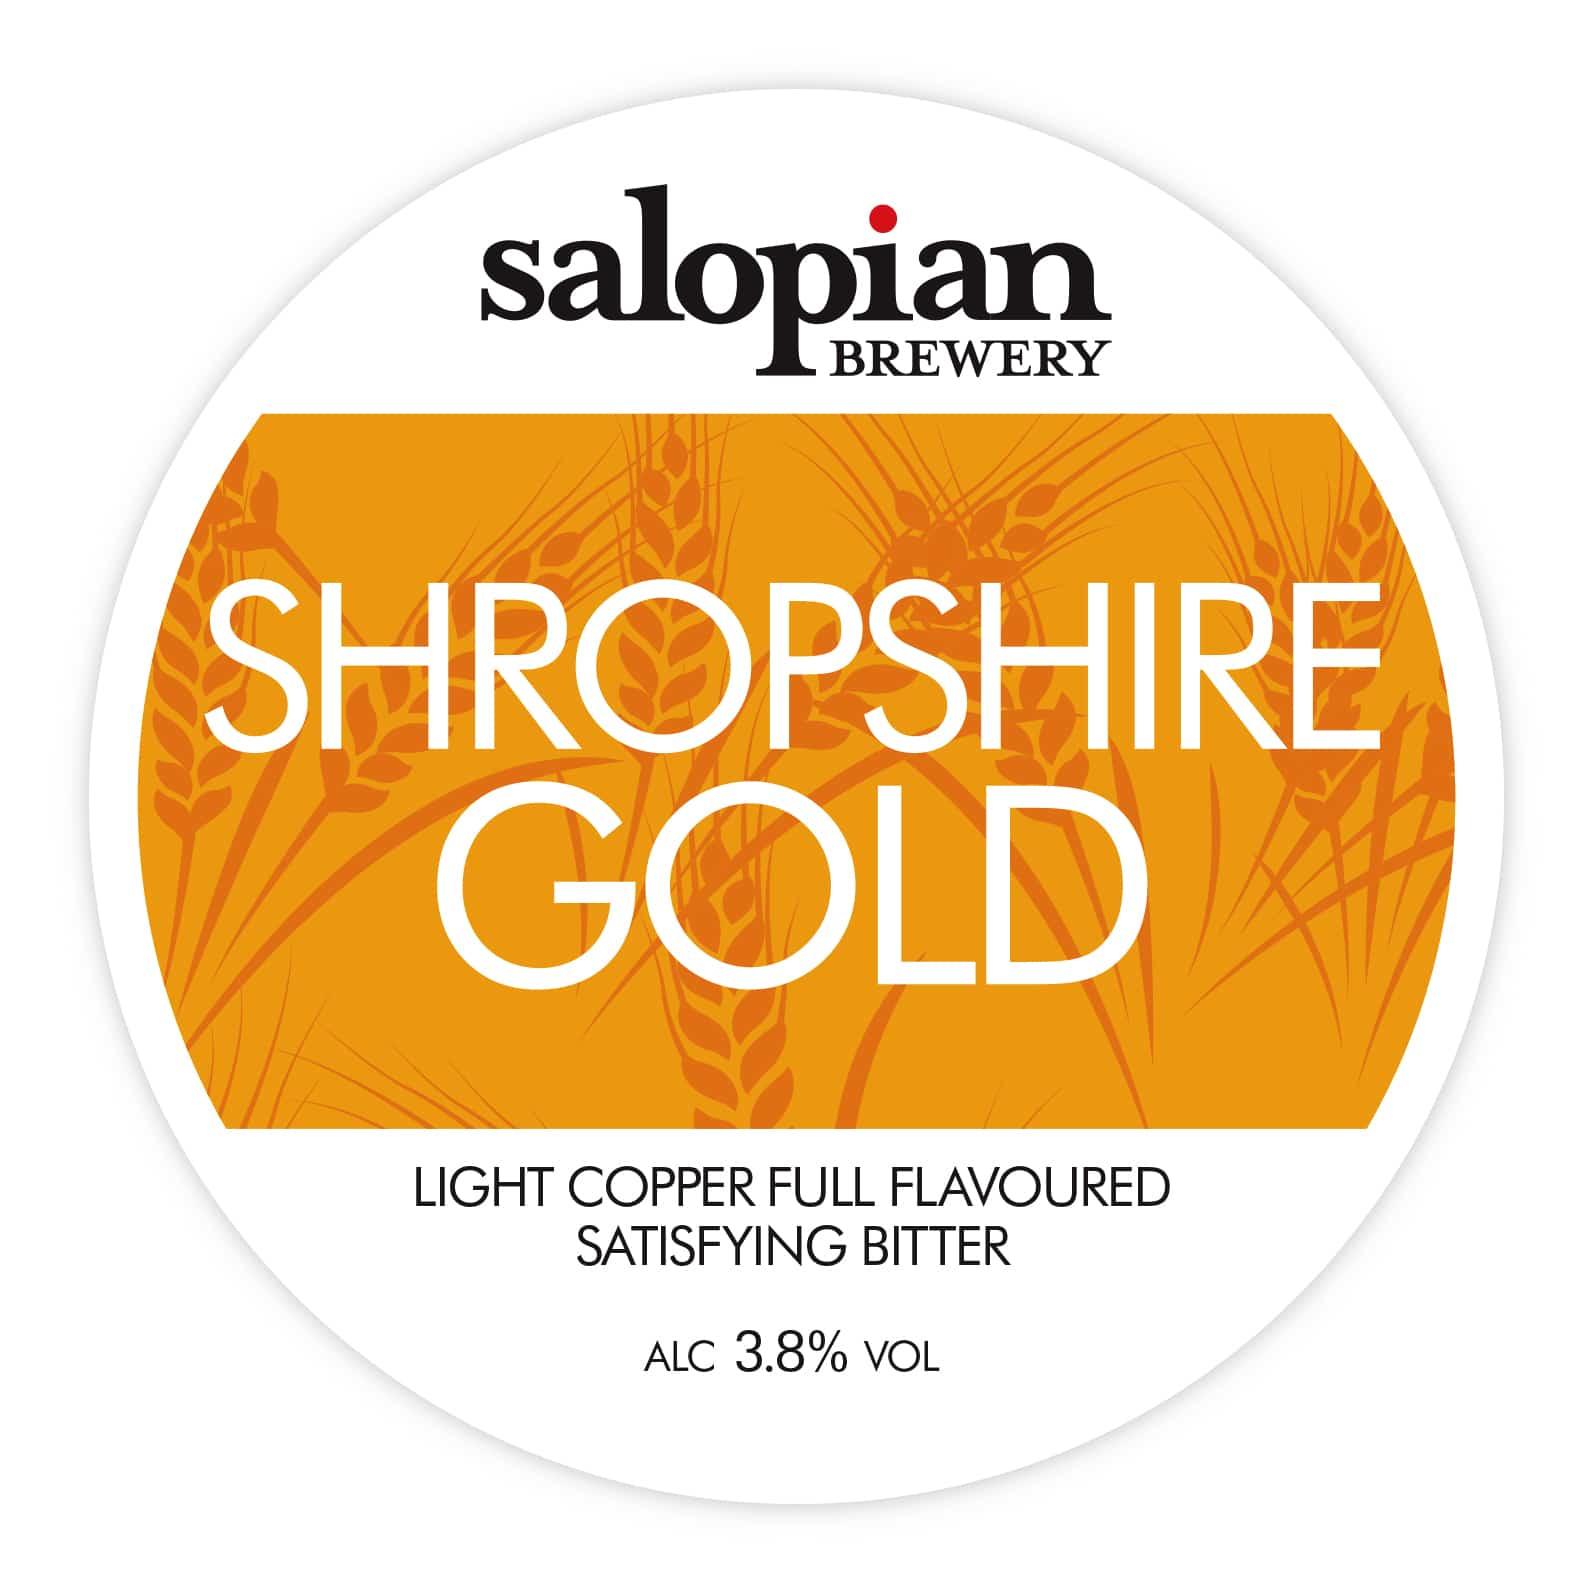 ShropshireGoldnew